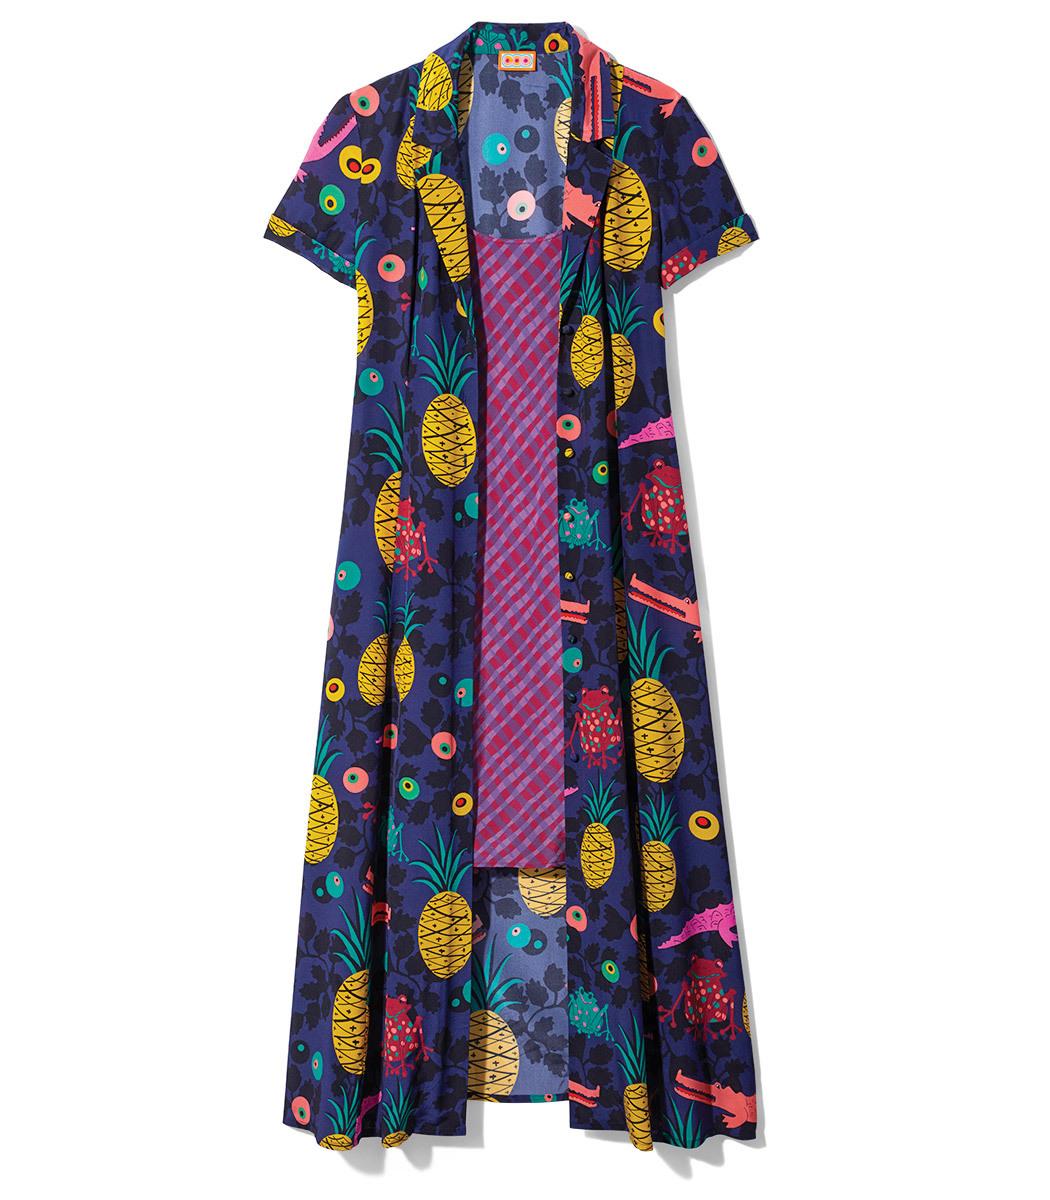 Lhd Marlin Dress